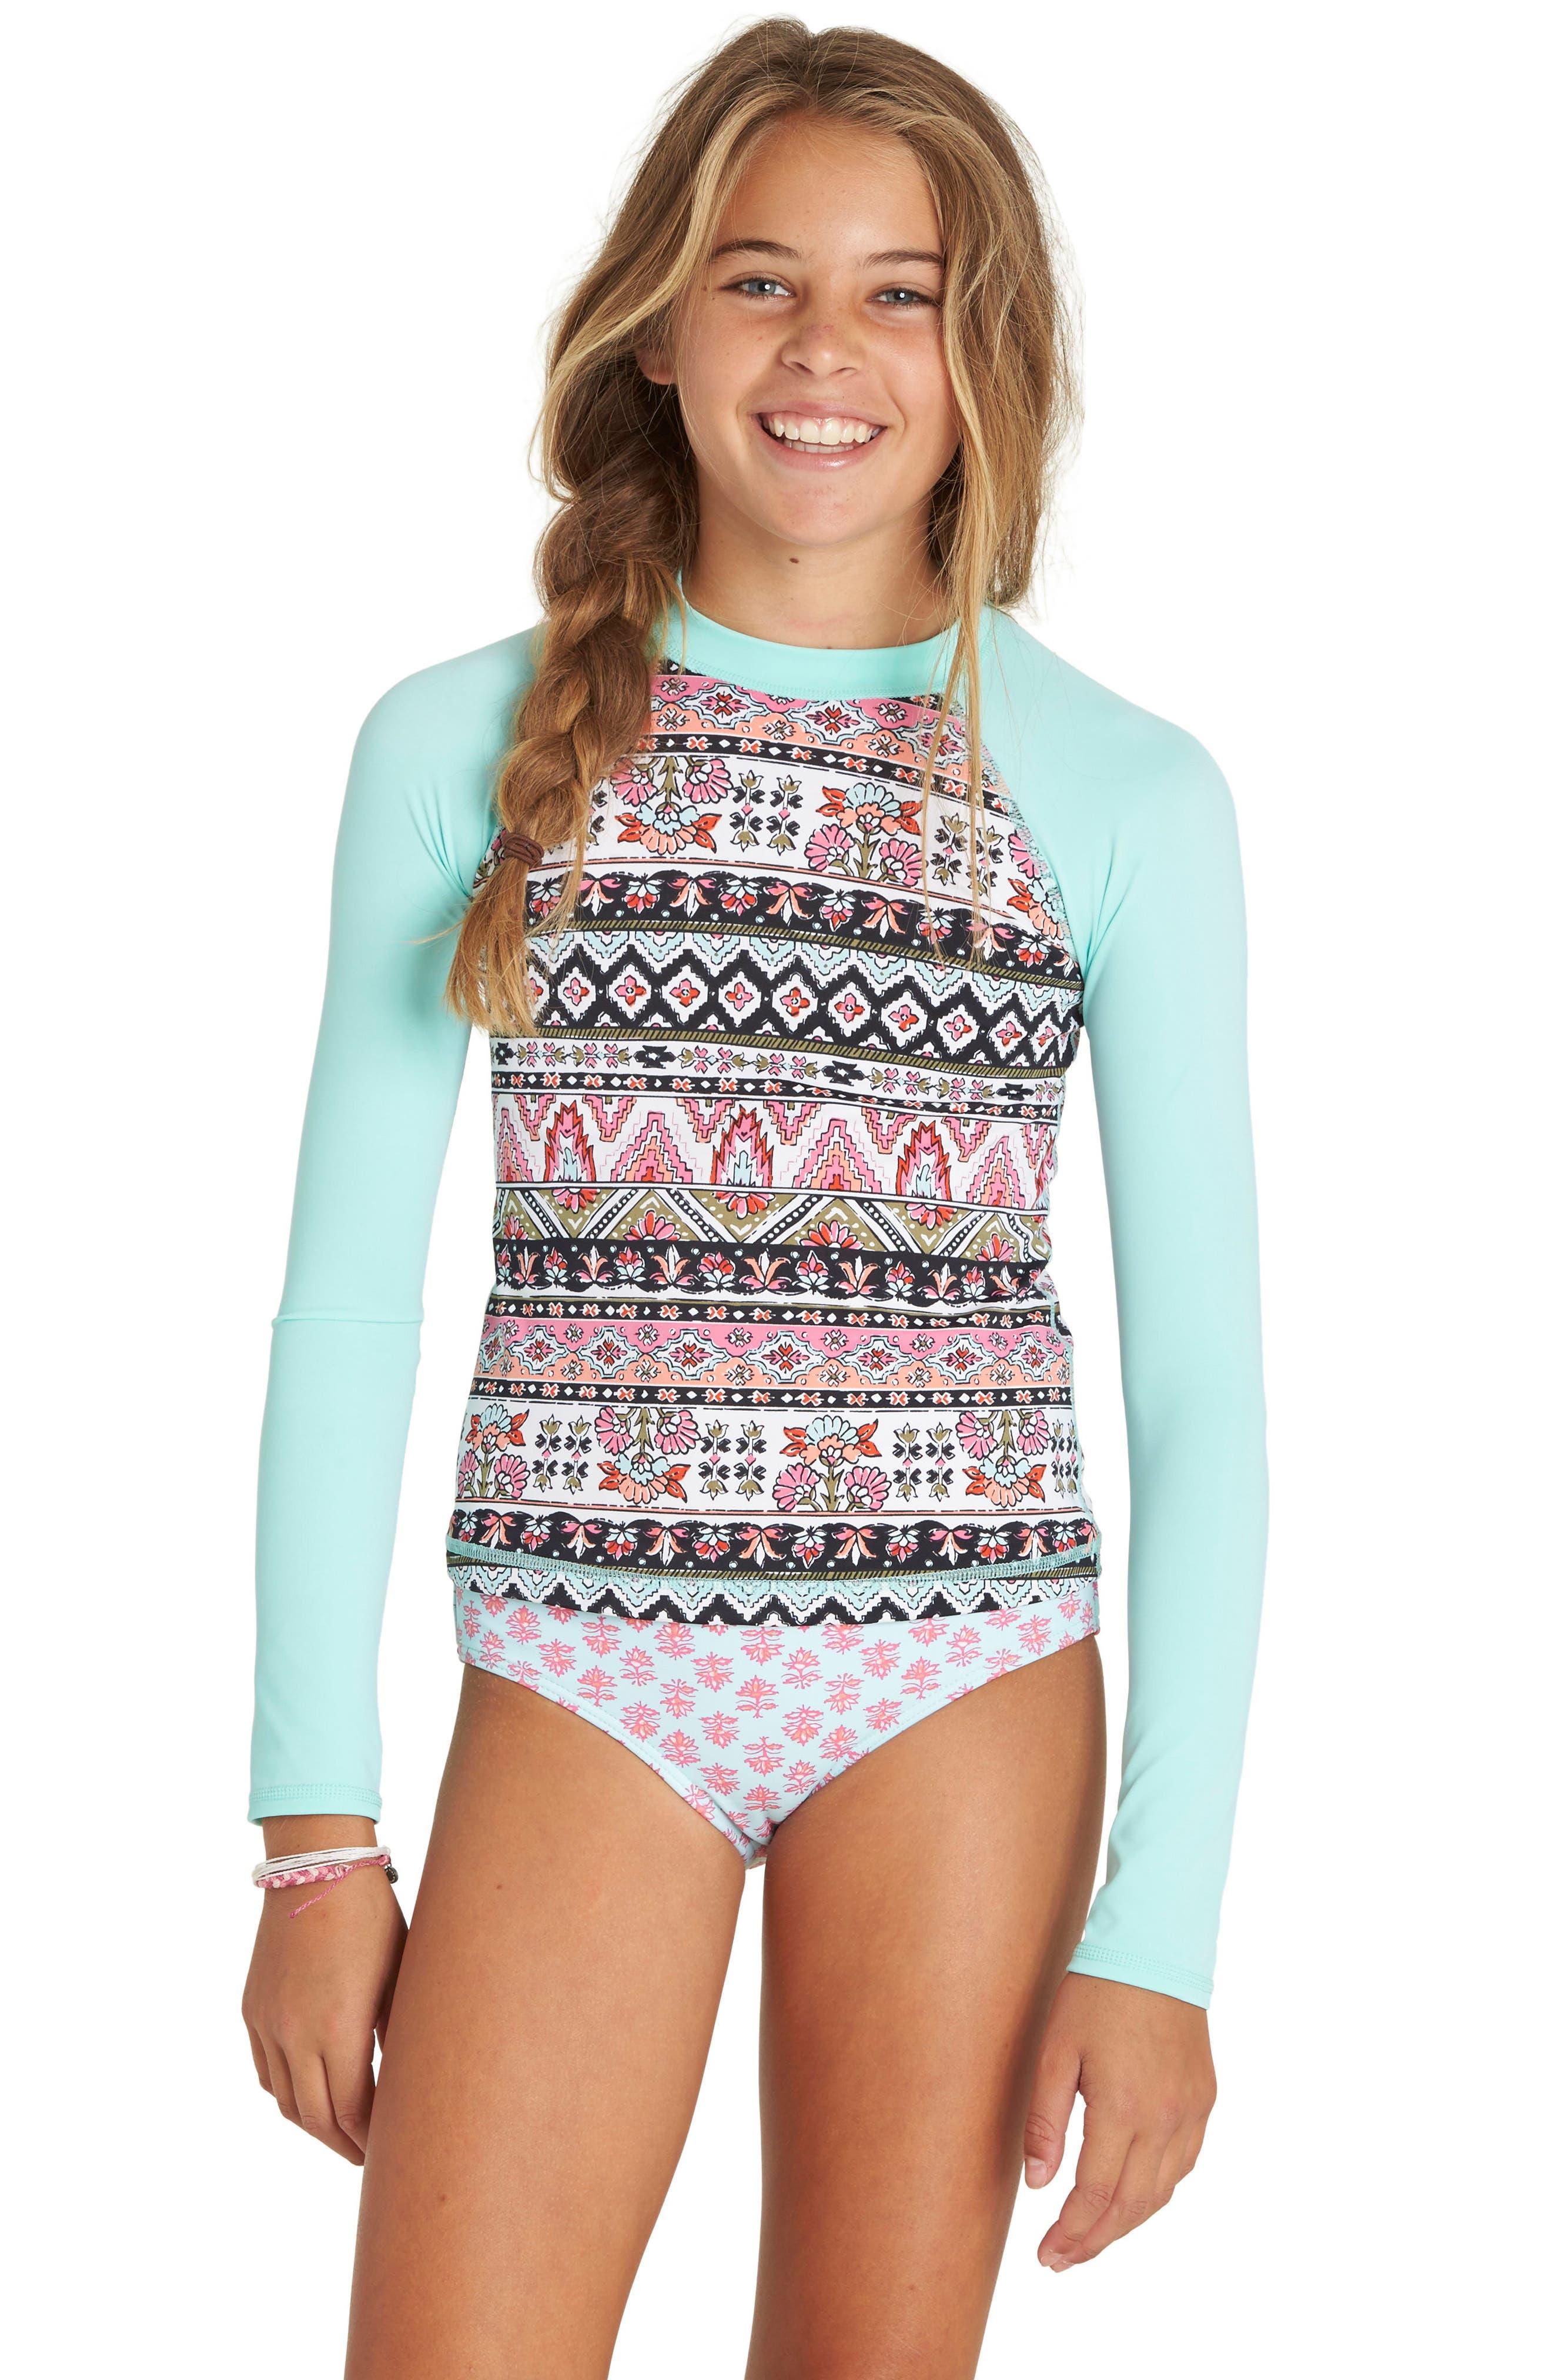 Moon Tribe Two-Piece Rashguard Swimsuit,                             Alternate thumbnail 3, color,                             Multi